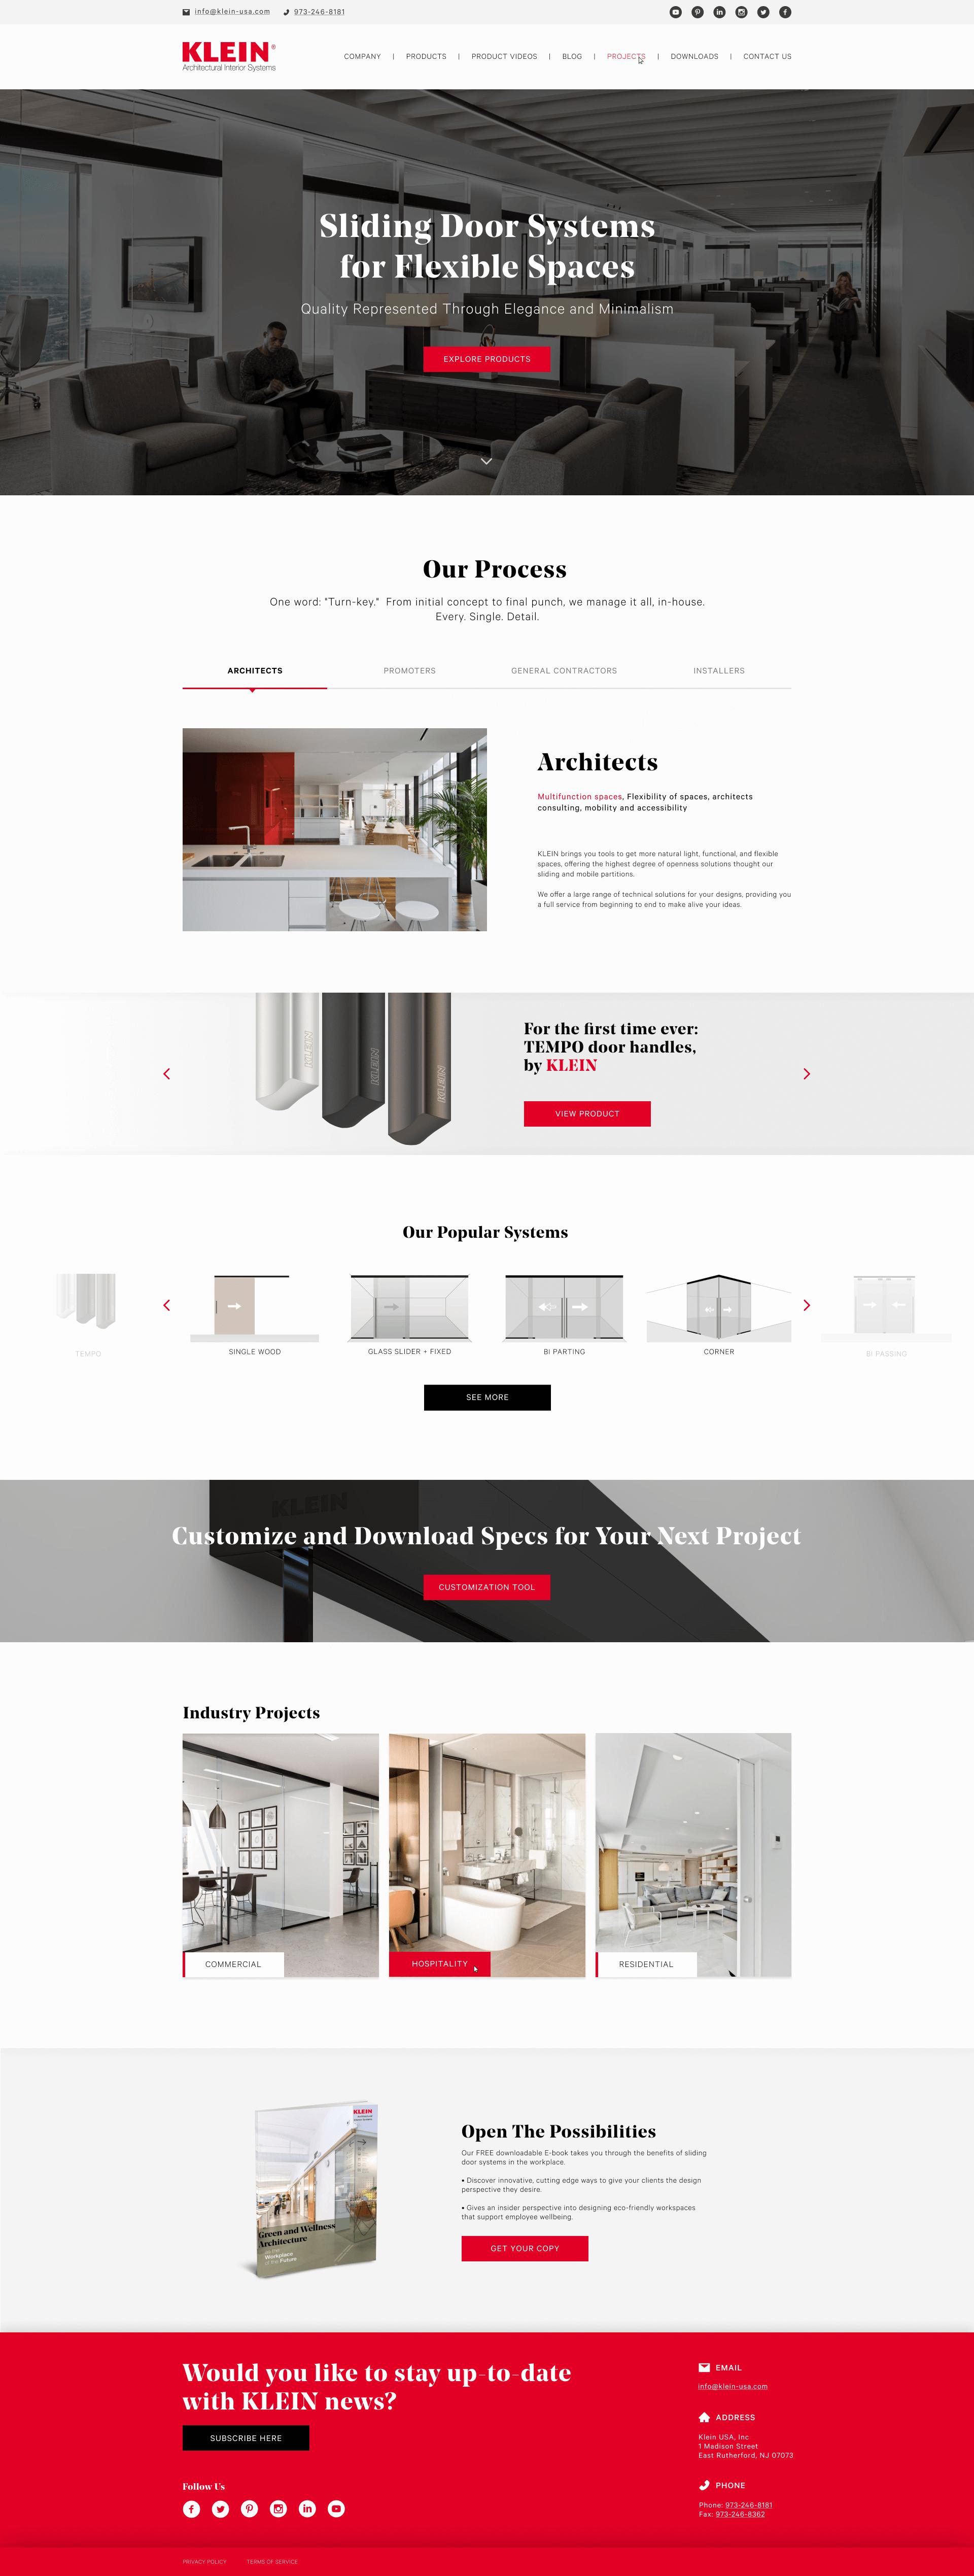 KLEIN Website - Designed & Developed by Bizop Media